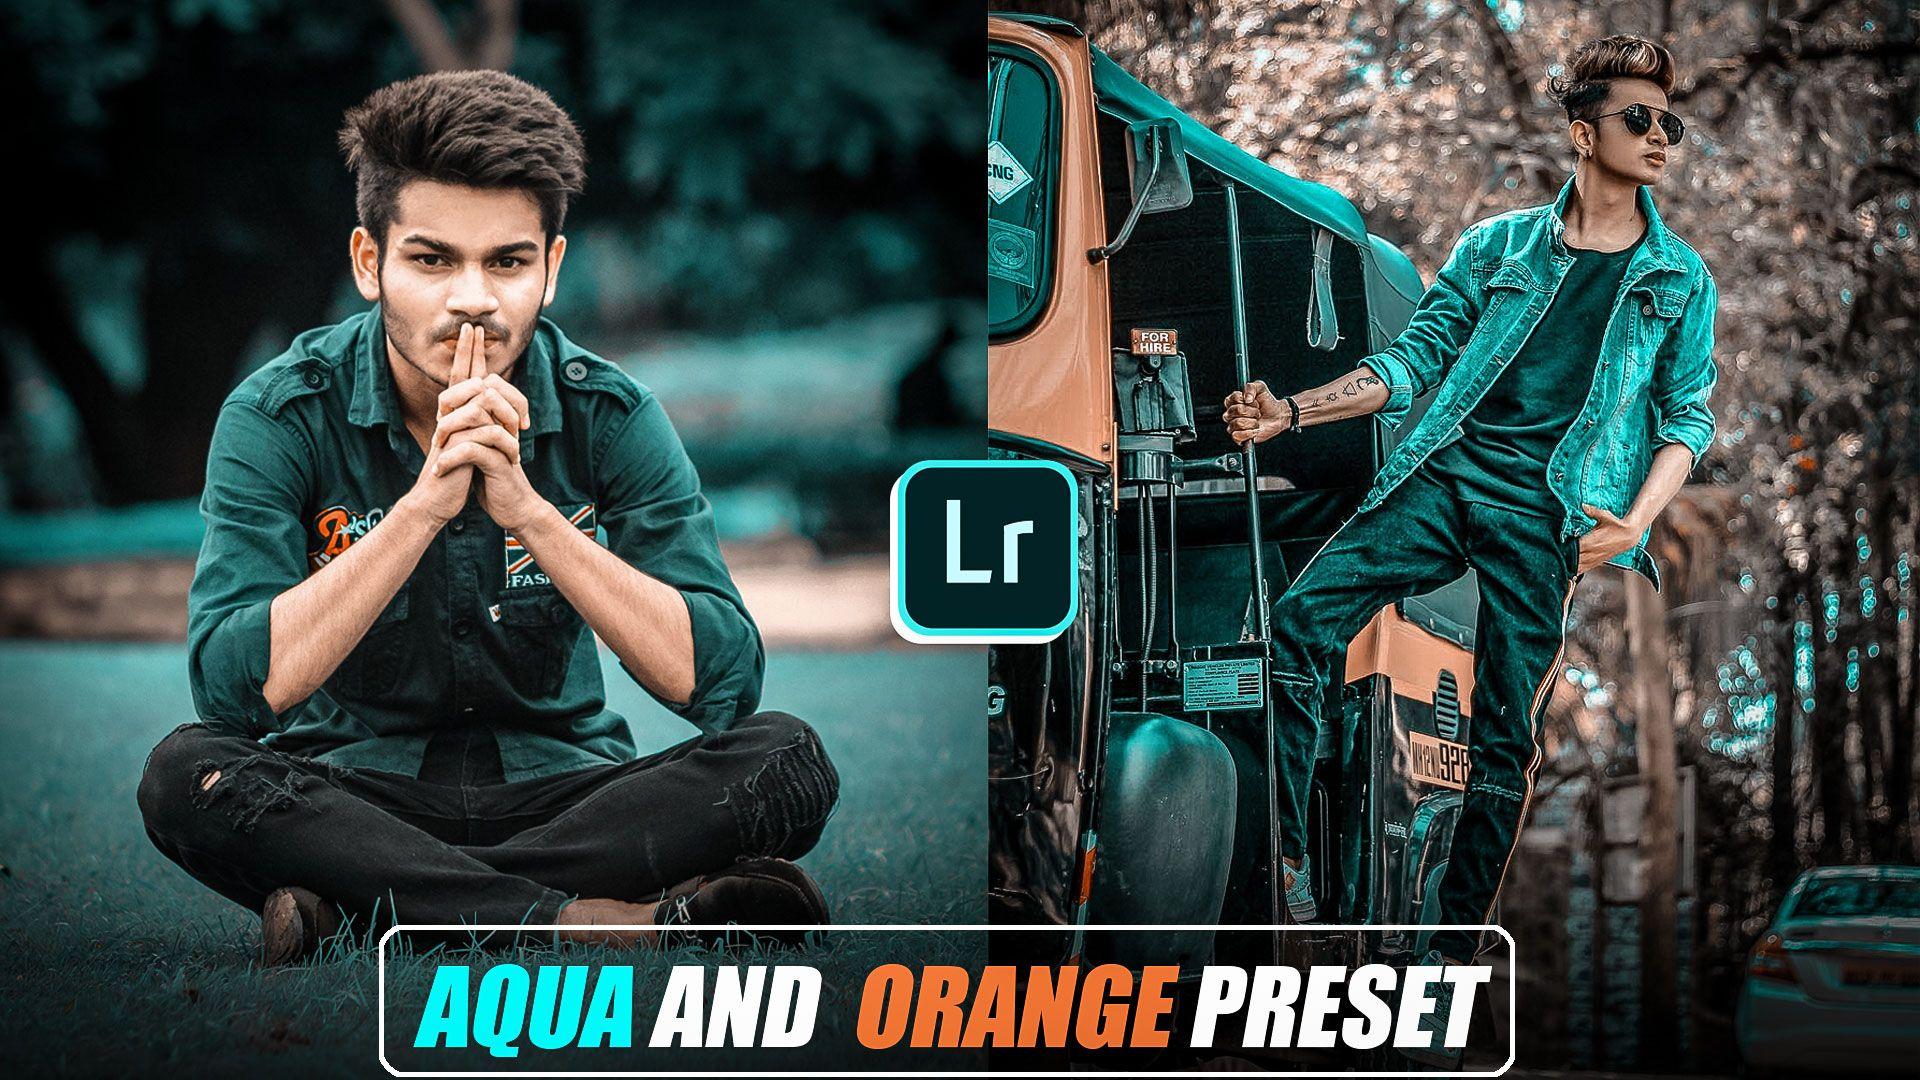 New] Lightroom CC aqua and orange Preset Lightroom presets 1920x1080